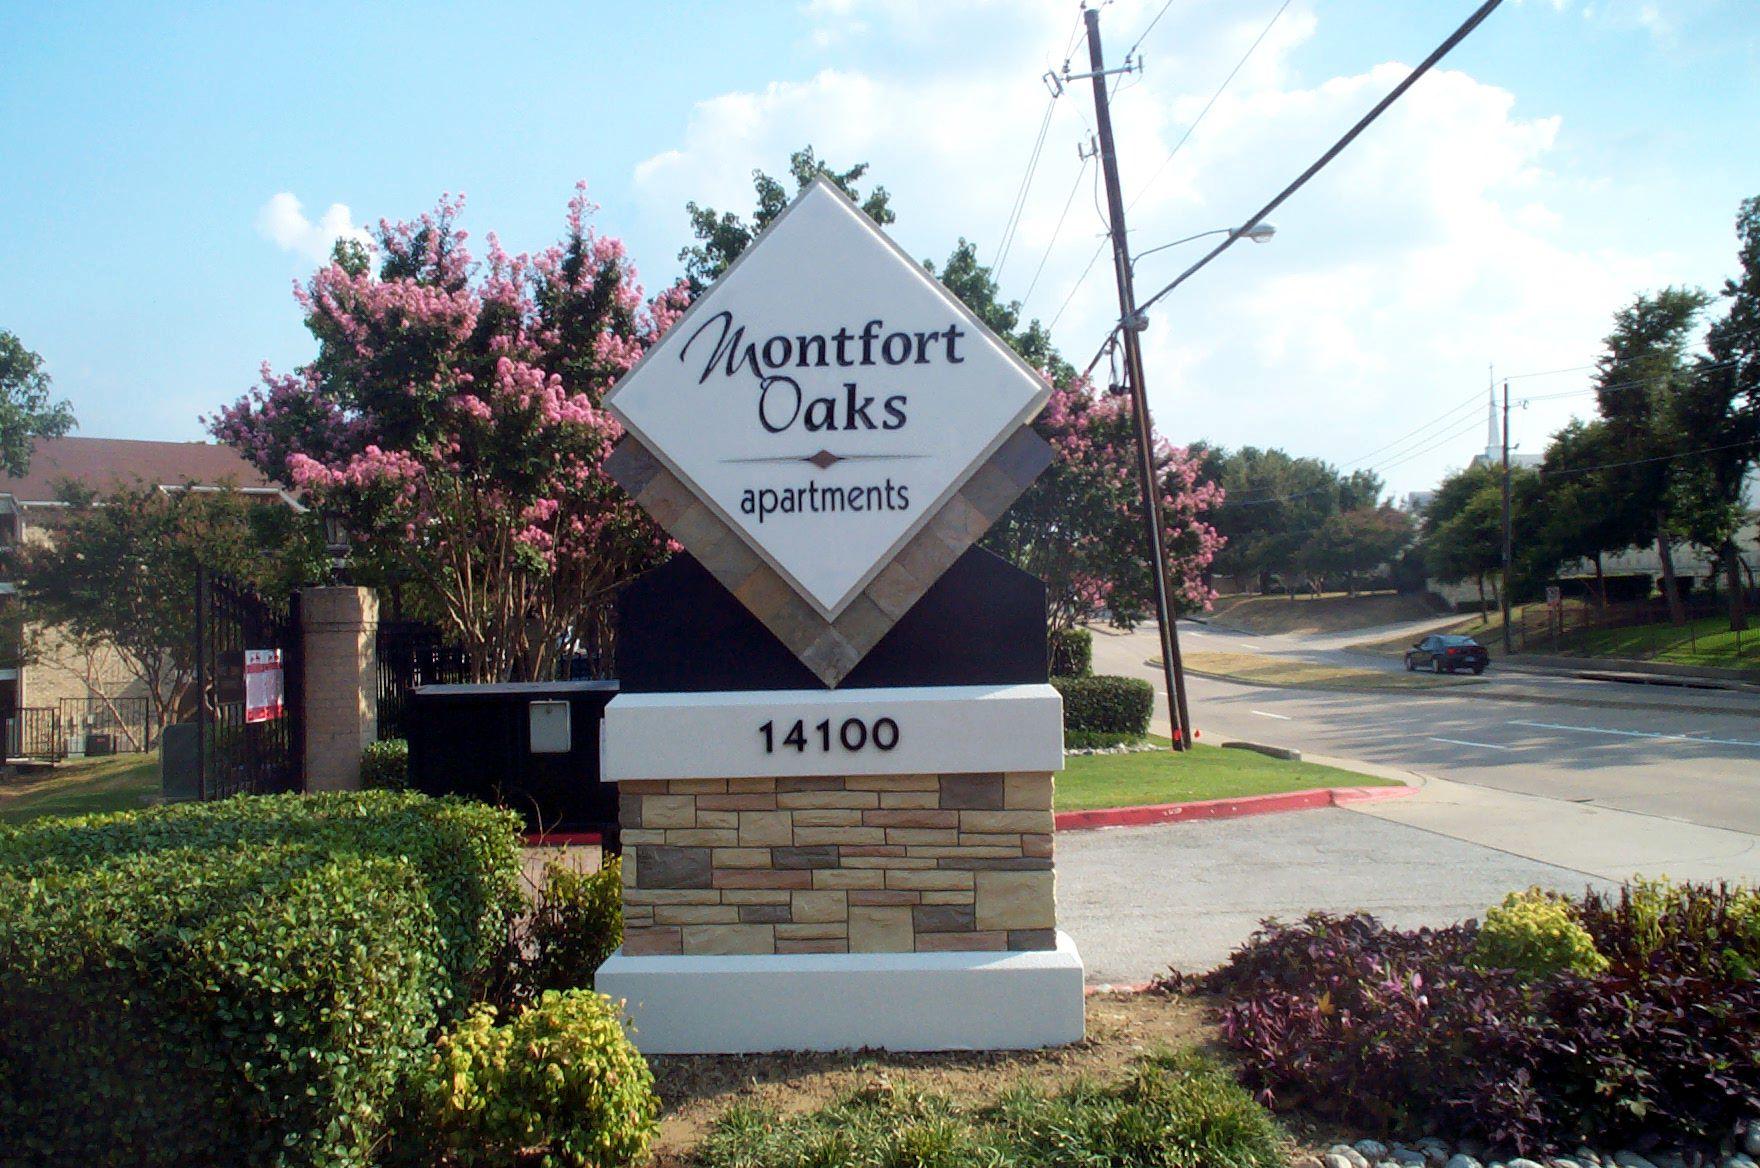 Montford Oaks.jpg